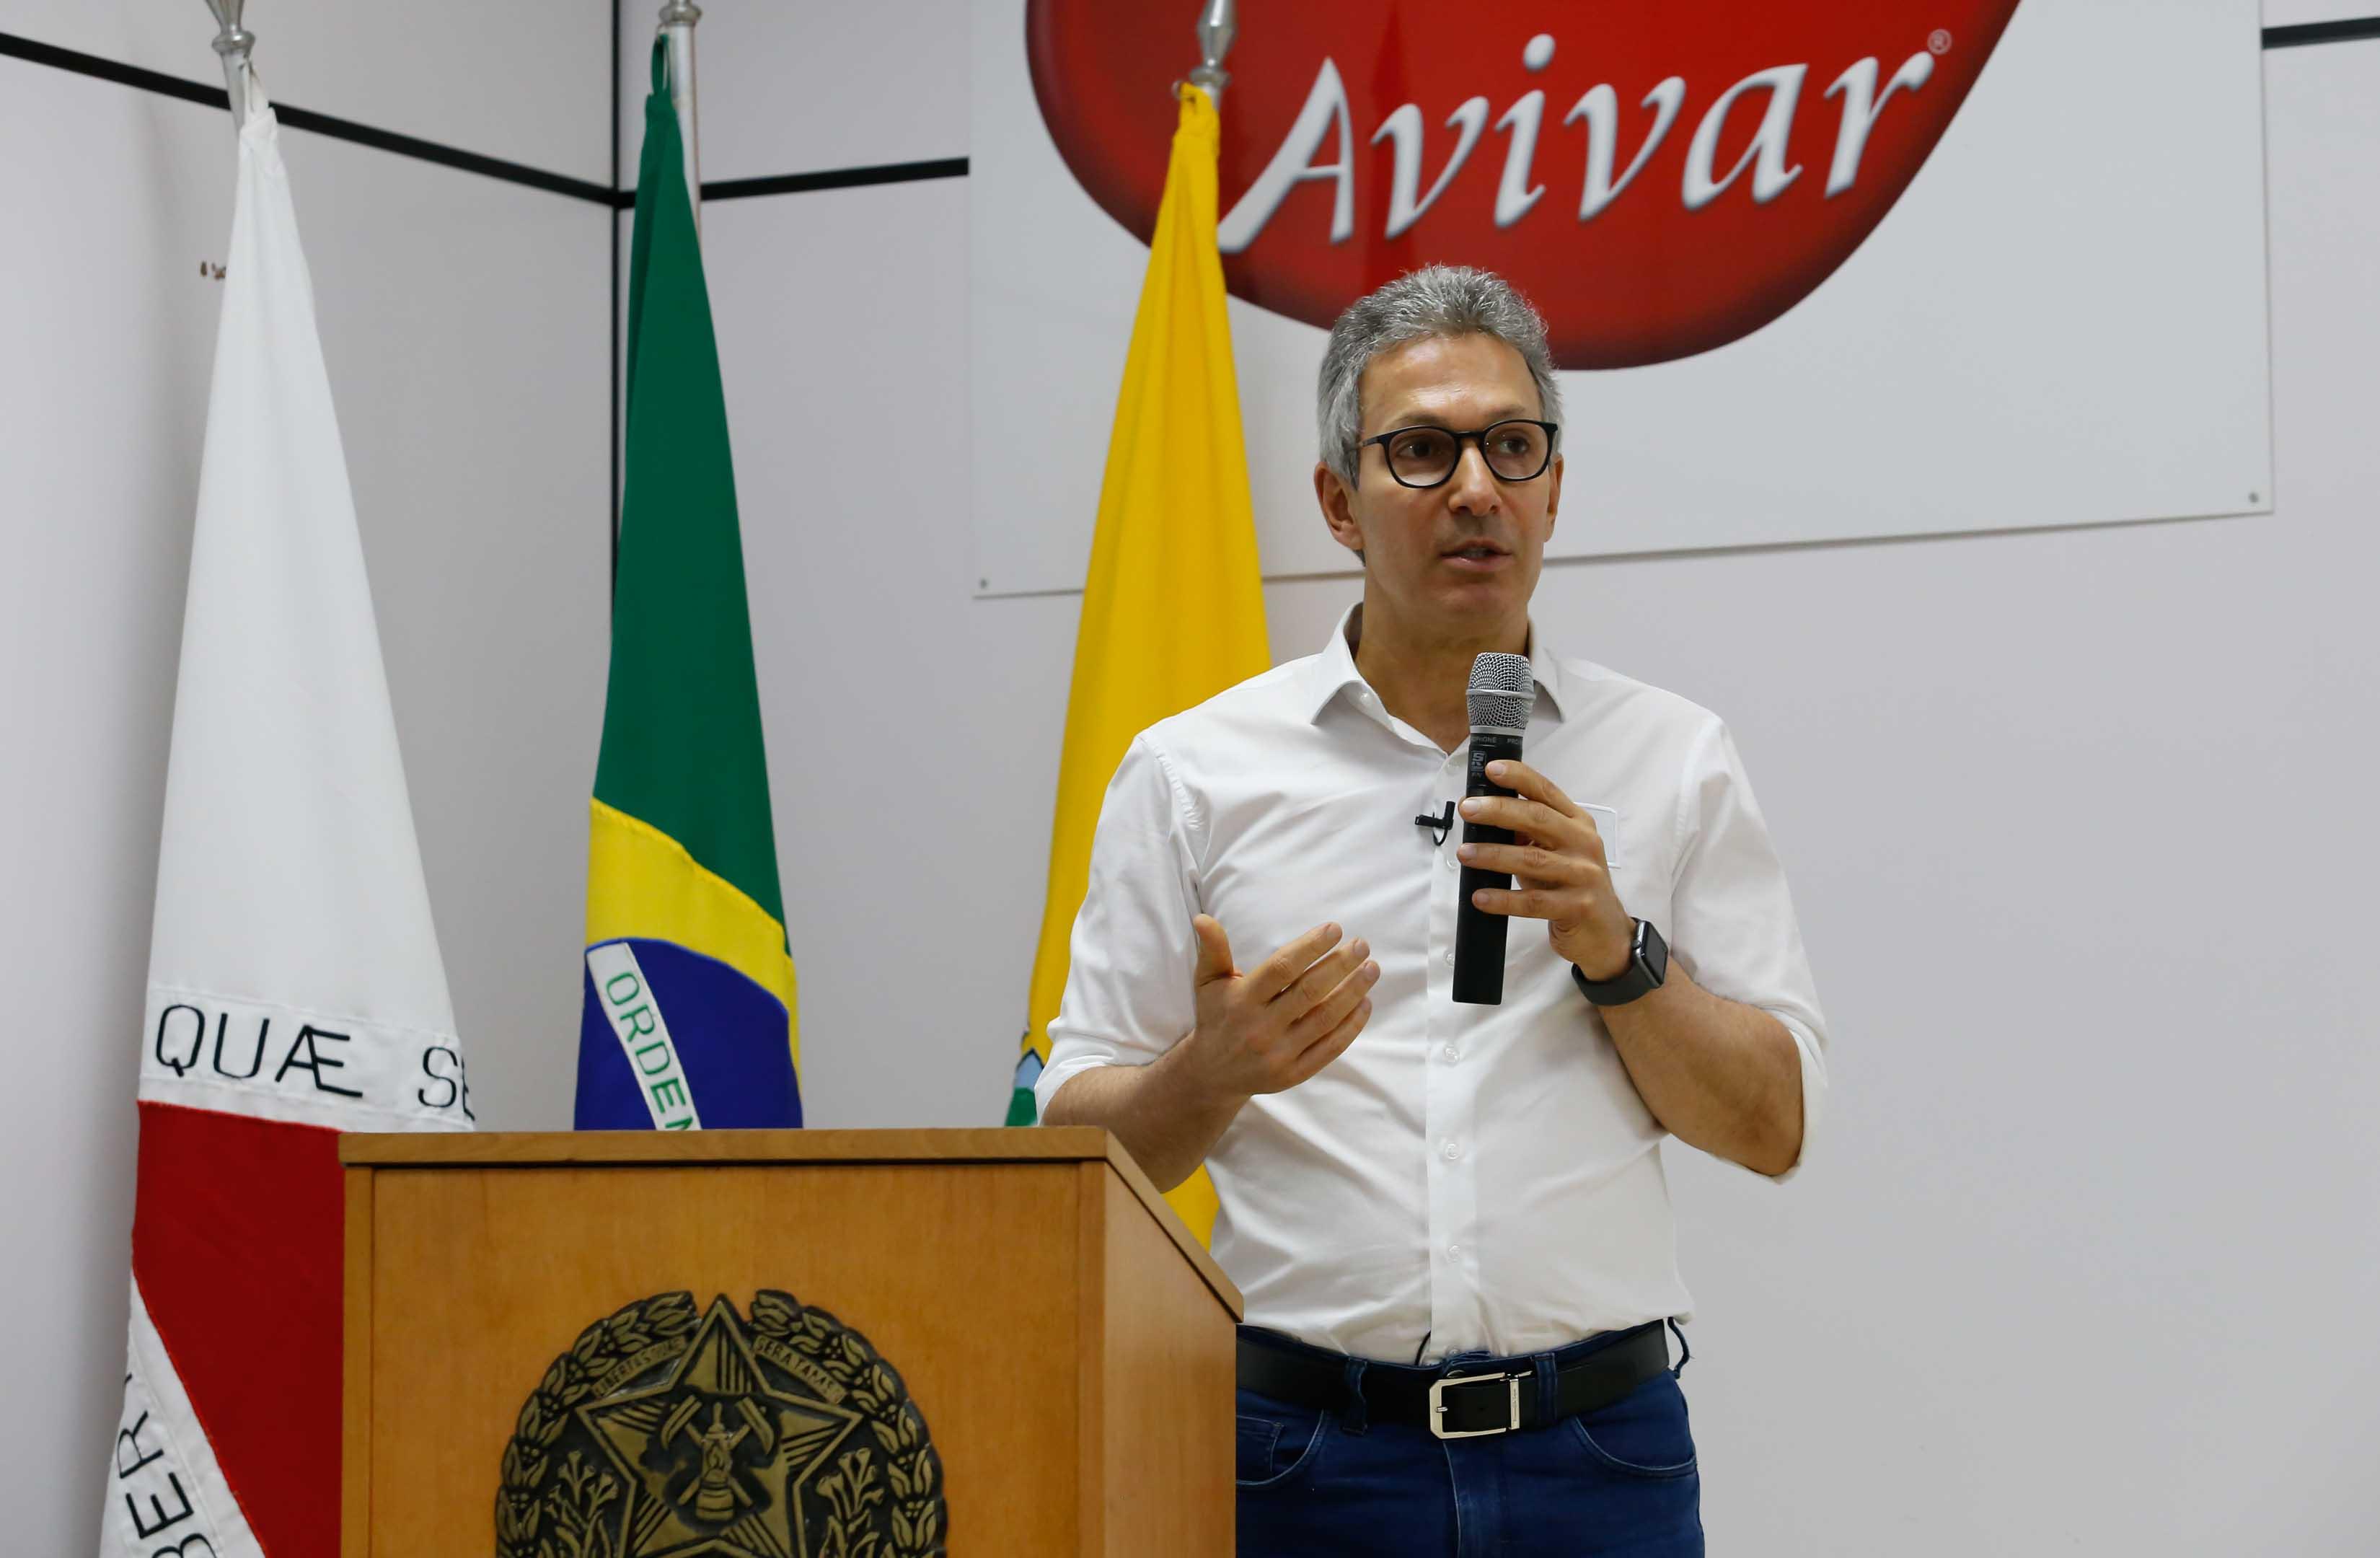 Governador Romeu Zema participa da inauguração do Centro de Armazenagem de Grãos da Avivar